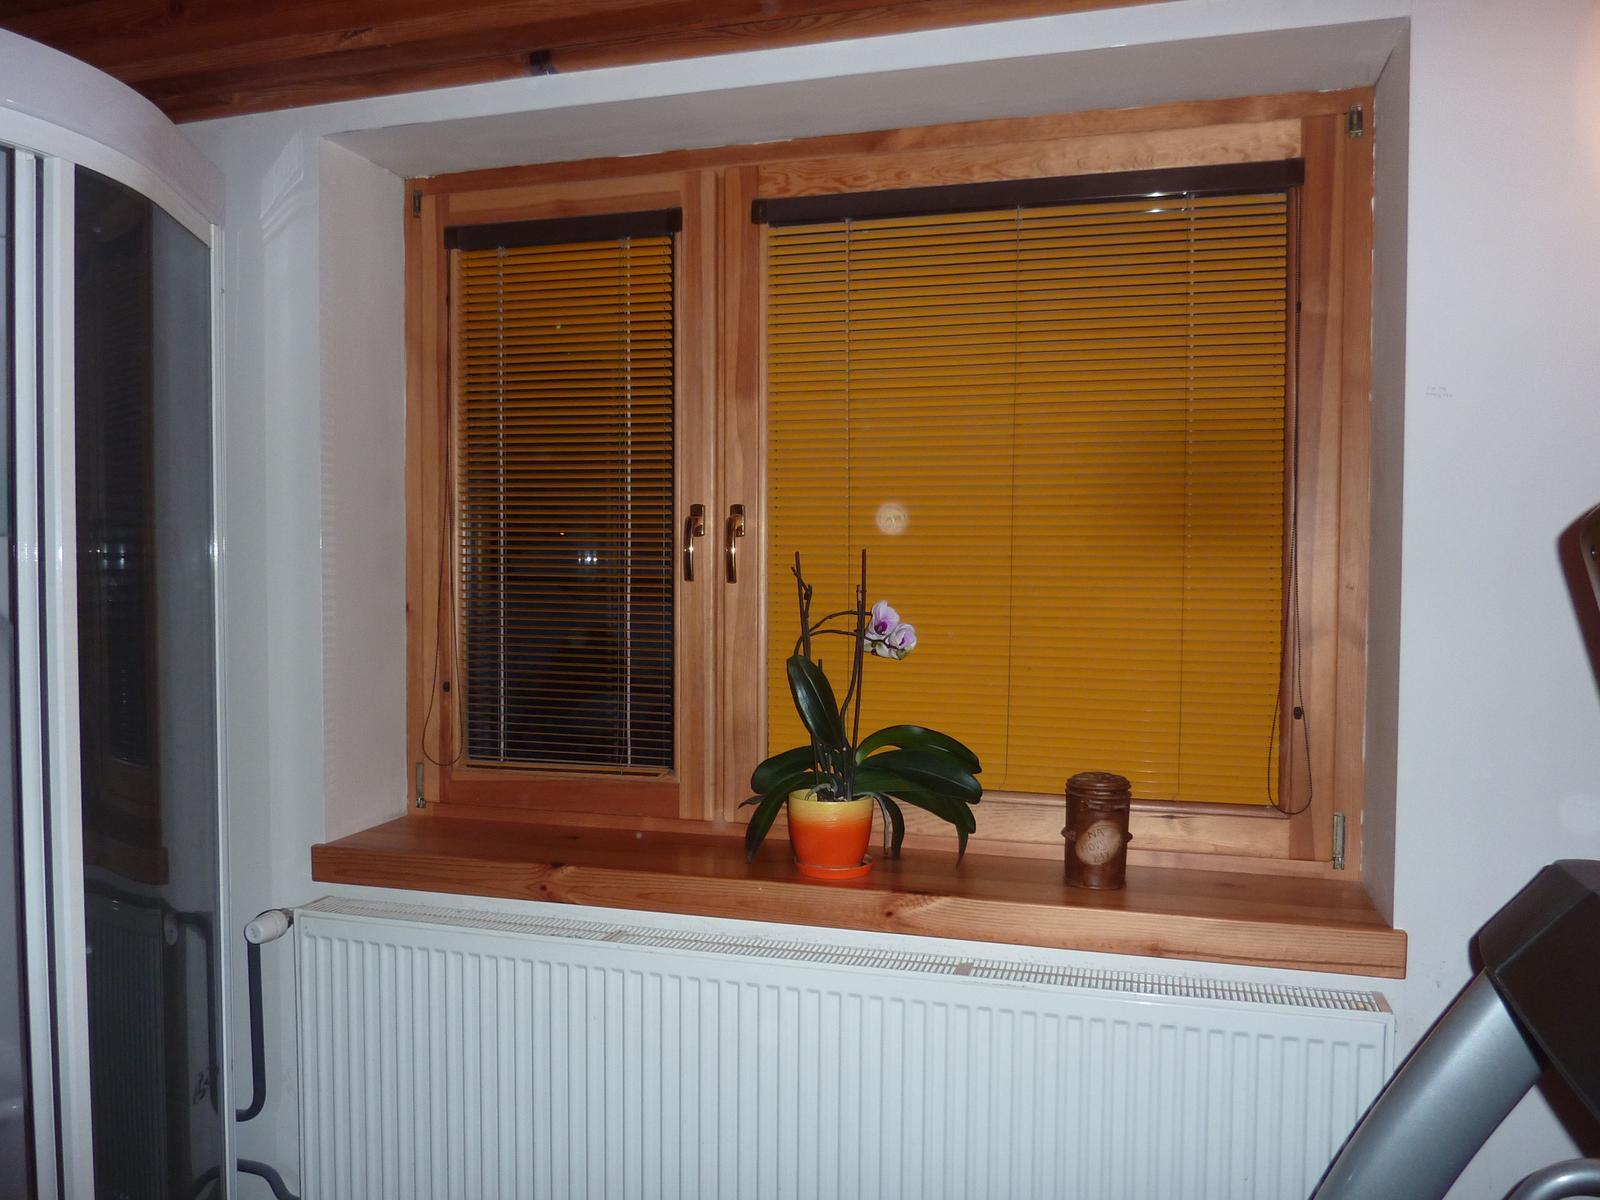 Moja praca, moja radost - toto je okno z borovice čo mam už najmenej 10 rokov,